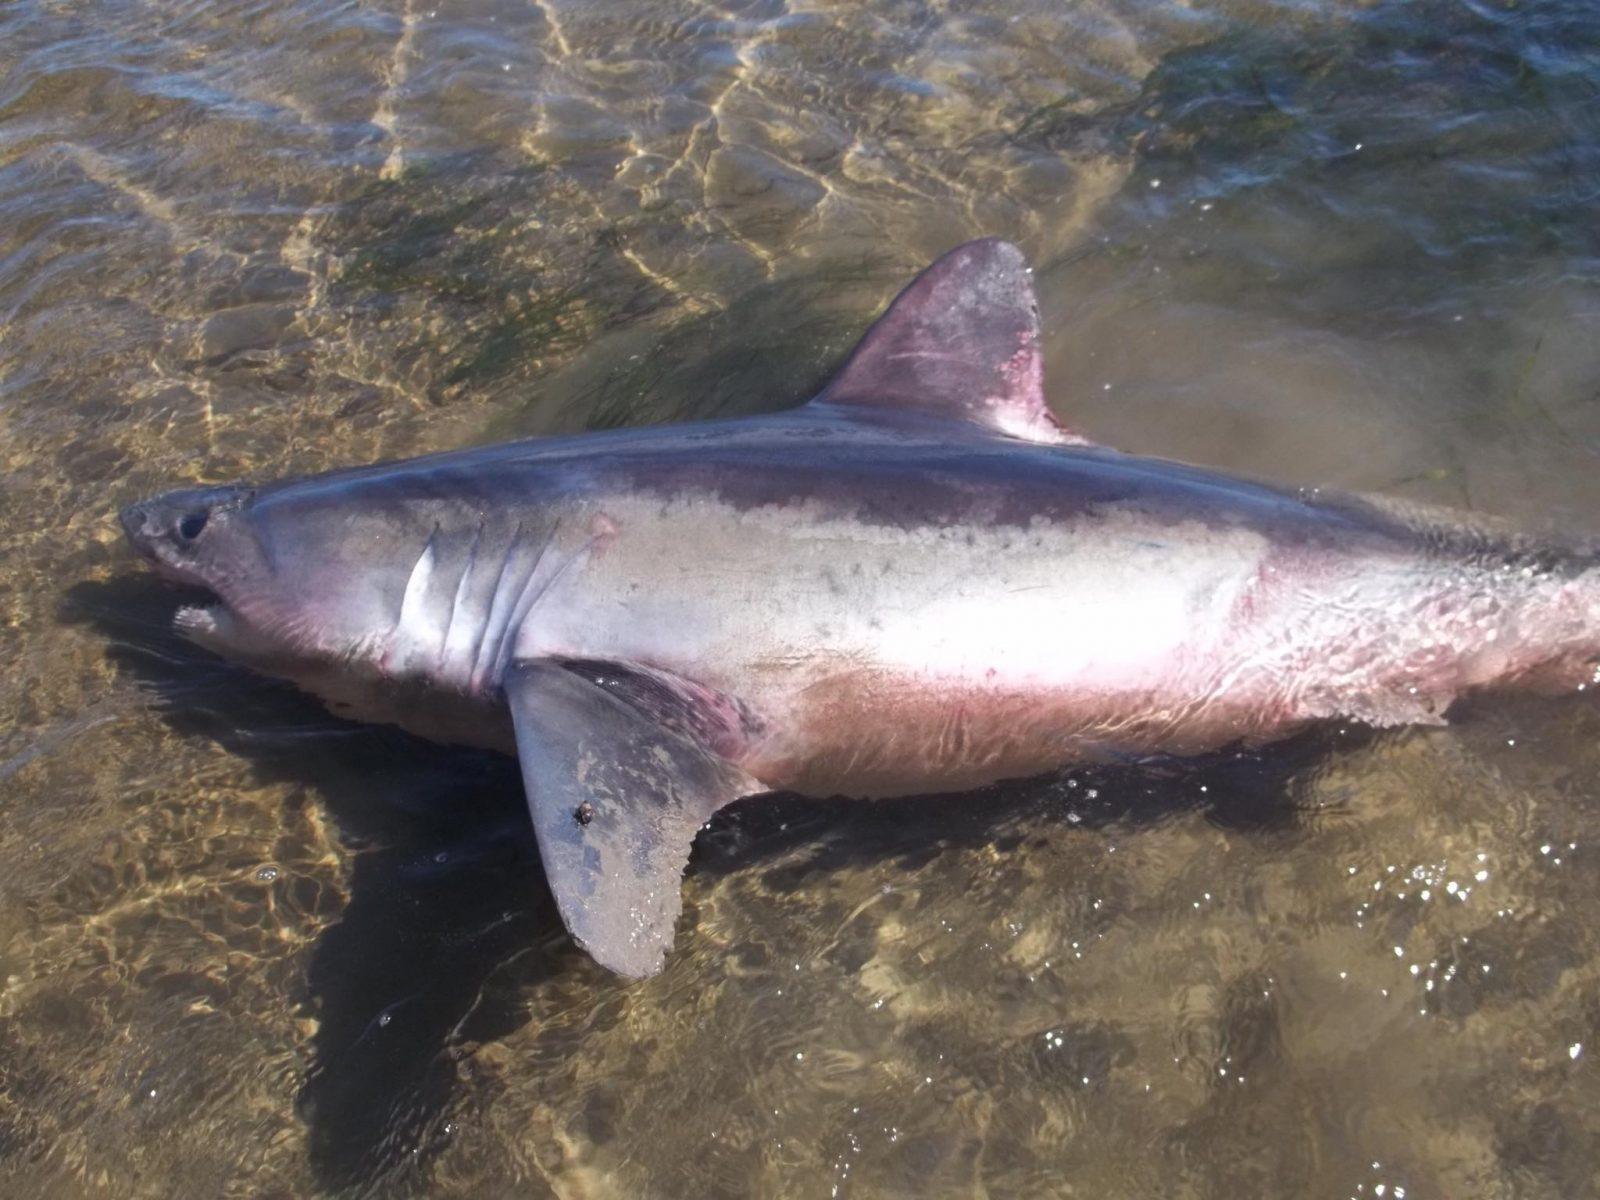 Un requin maraîche s'échoue sur une batture